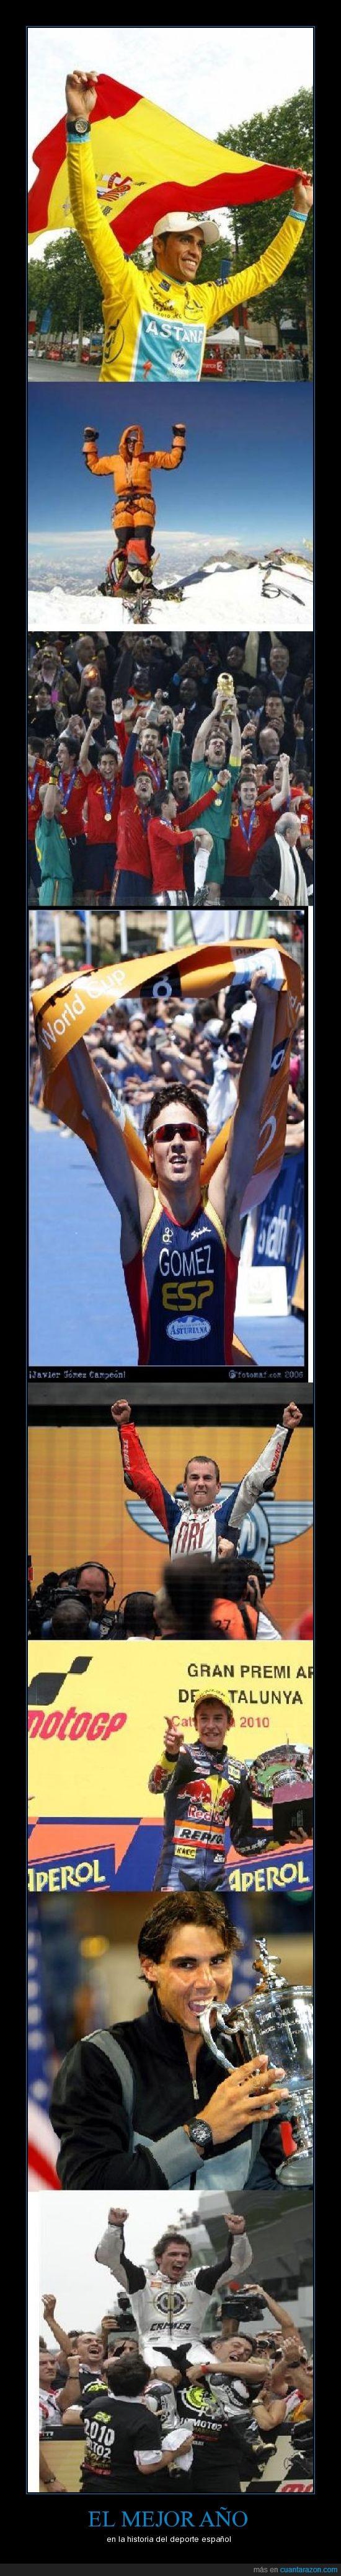 deporte,el mejor año,español